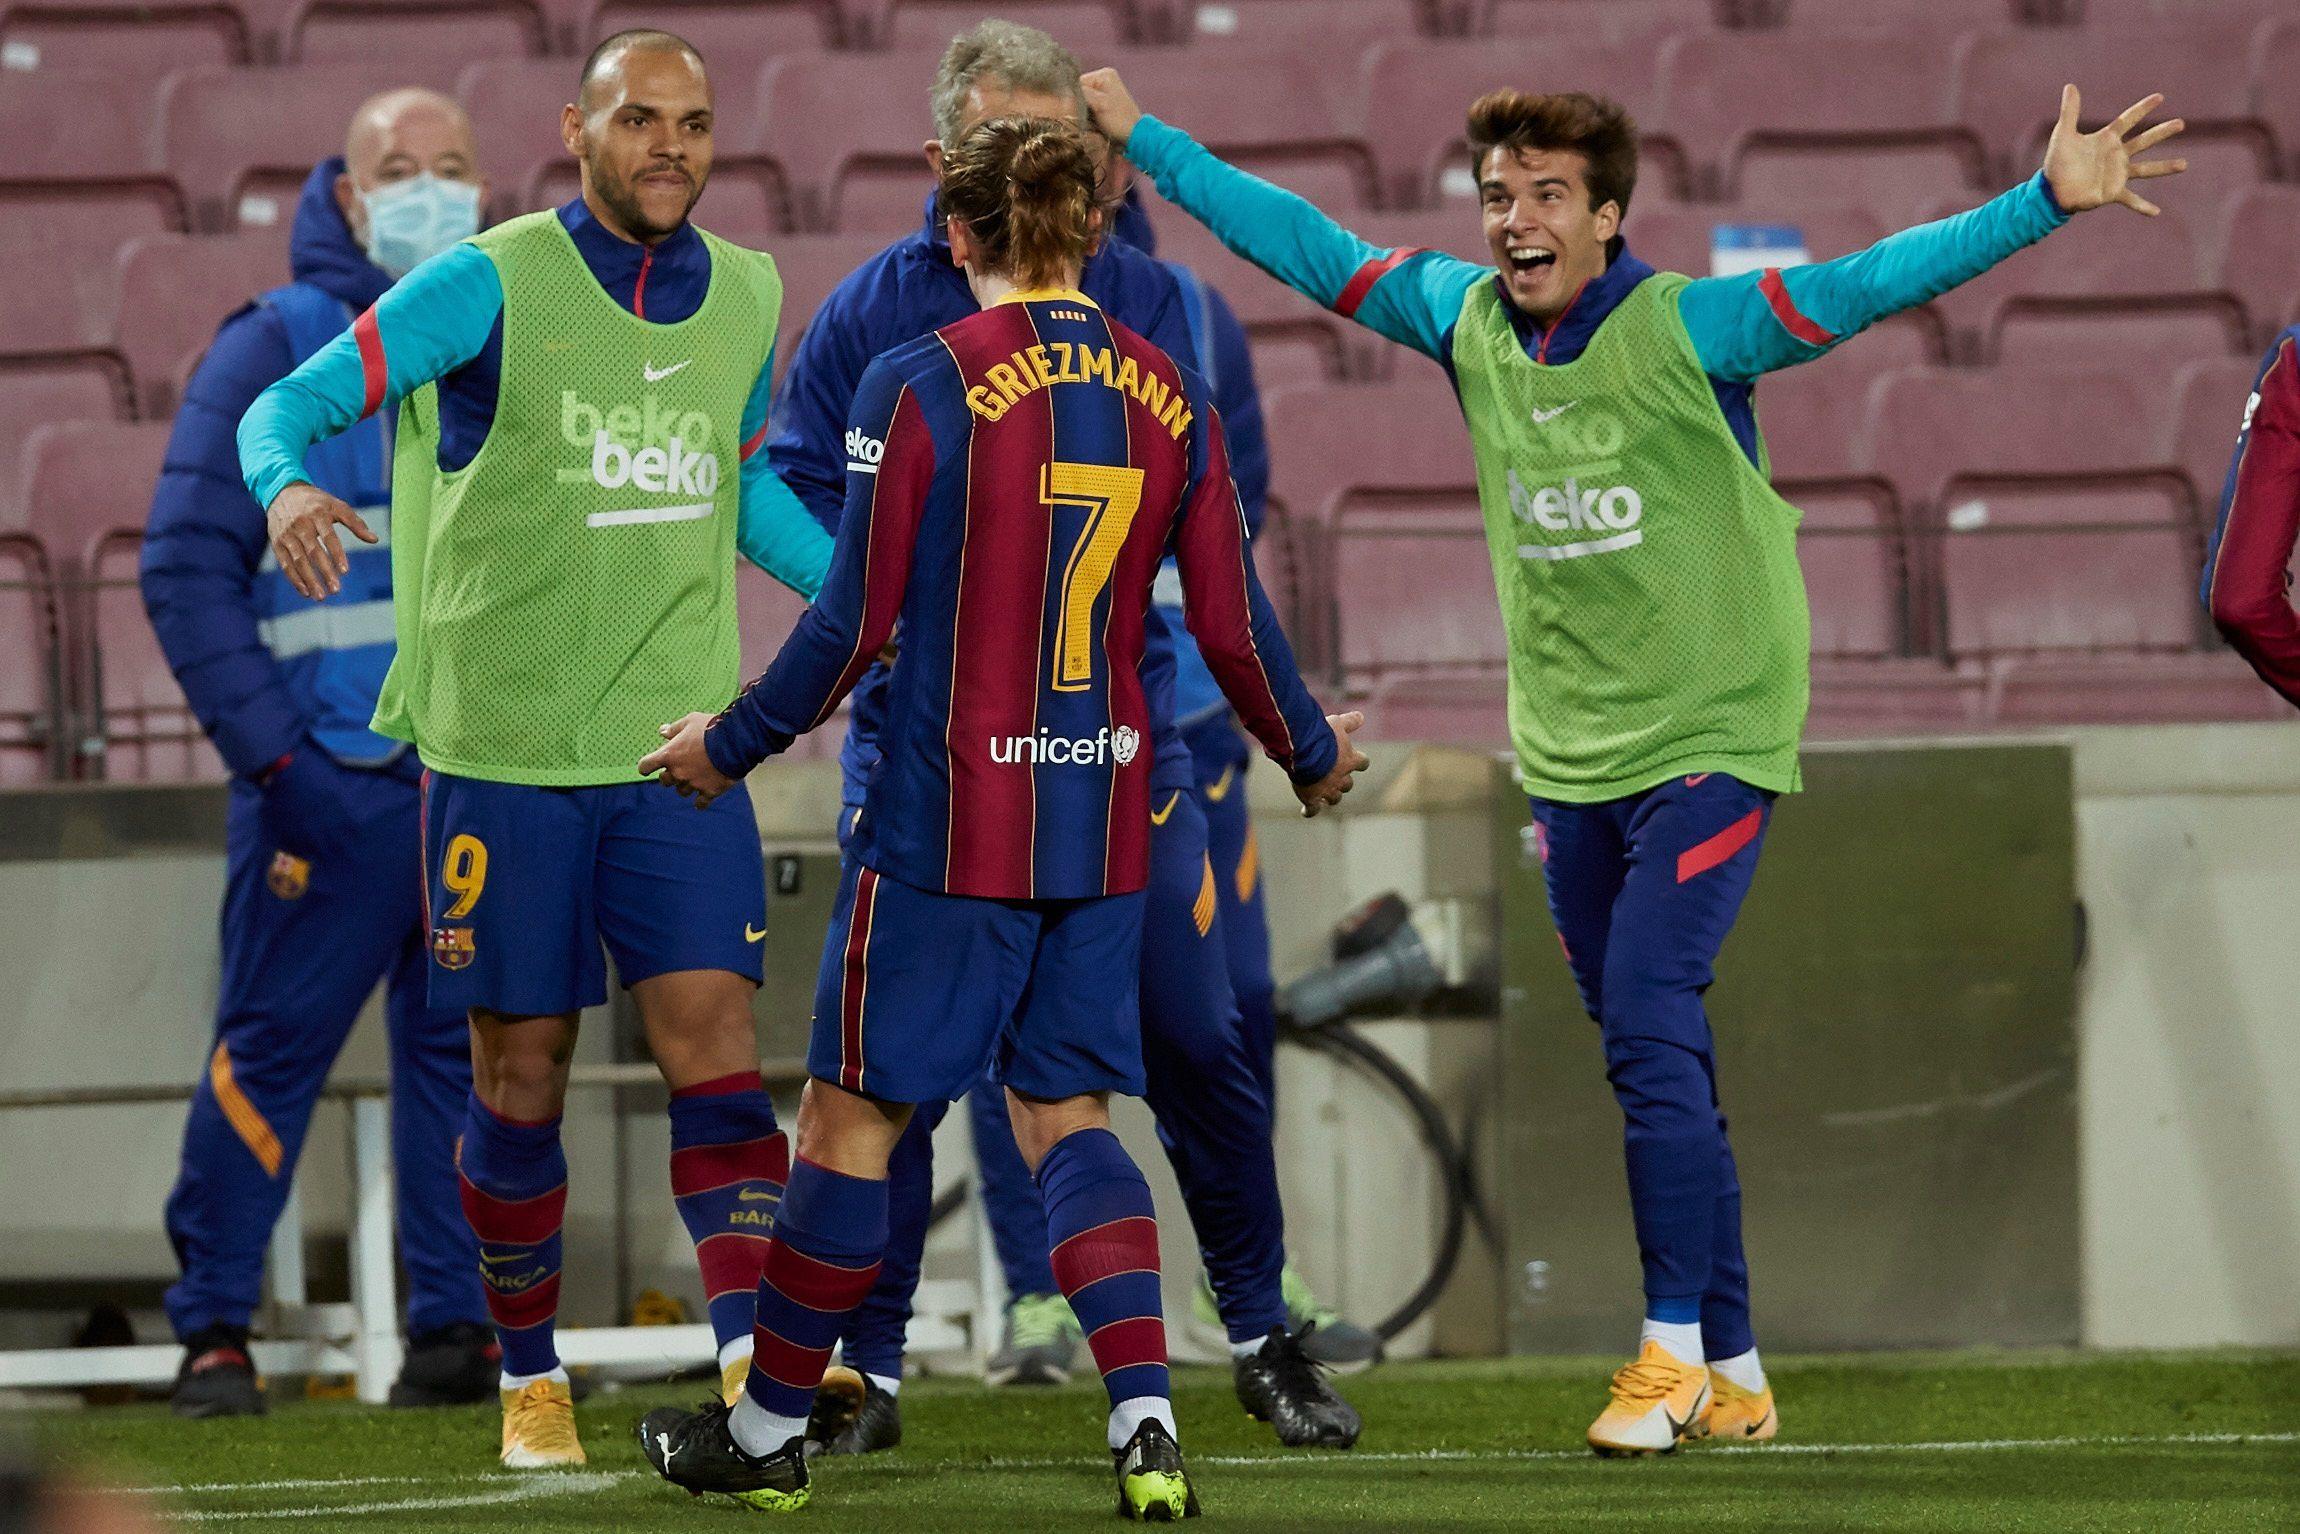 El delantero del FC Barcelona Antoine Griezmann (c) celebra tras marcar el segundo gol ante el Athletic, durante el partido de Liga en Primera División disputado en el Camp Nou, en Barcelona. EFE/Alejandro García